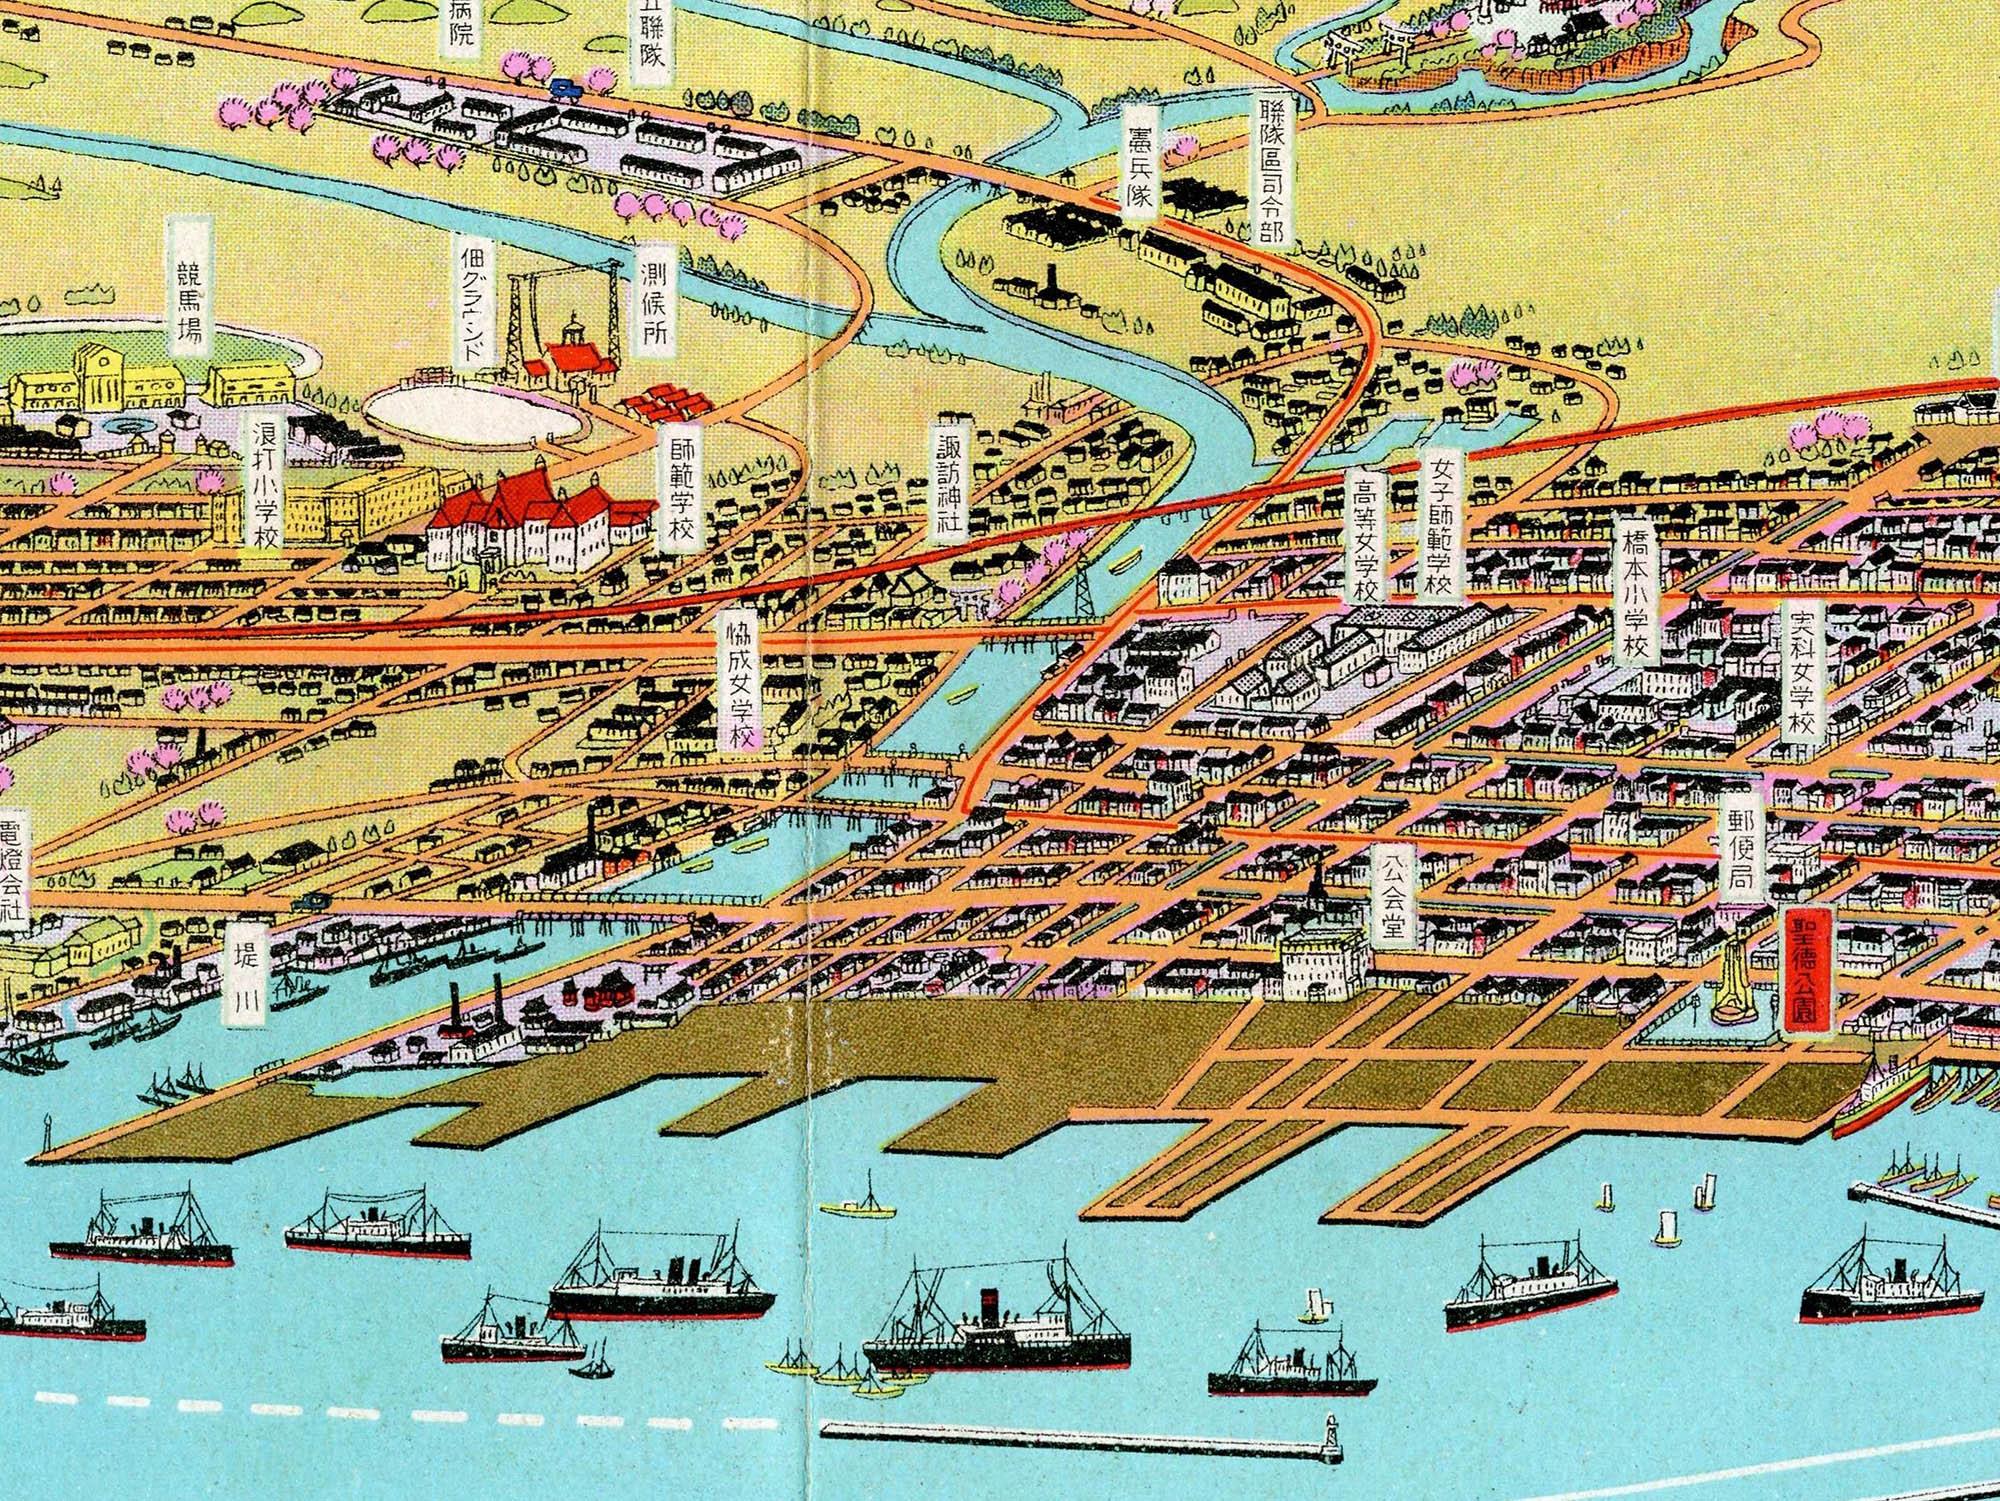 ふるさとの物語 第58回「吉田初三郎の鳥瞰図」~5基の突堤「幻の港」~